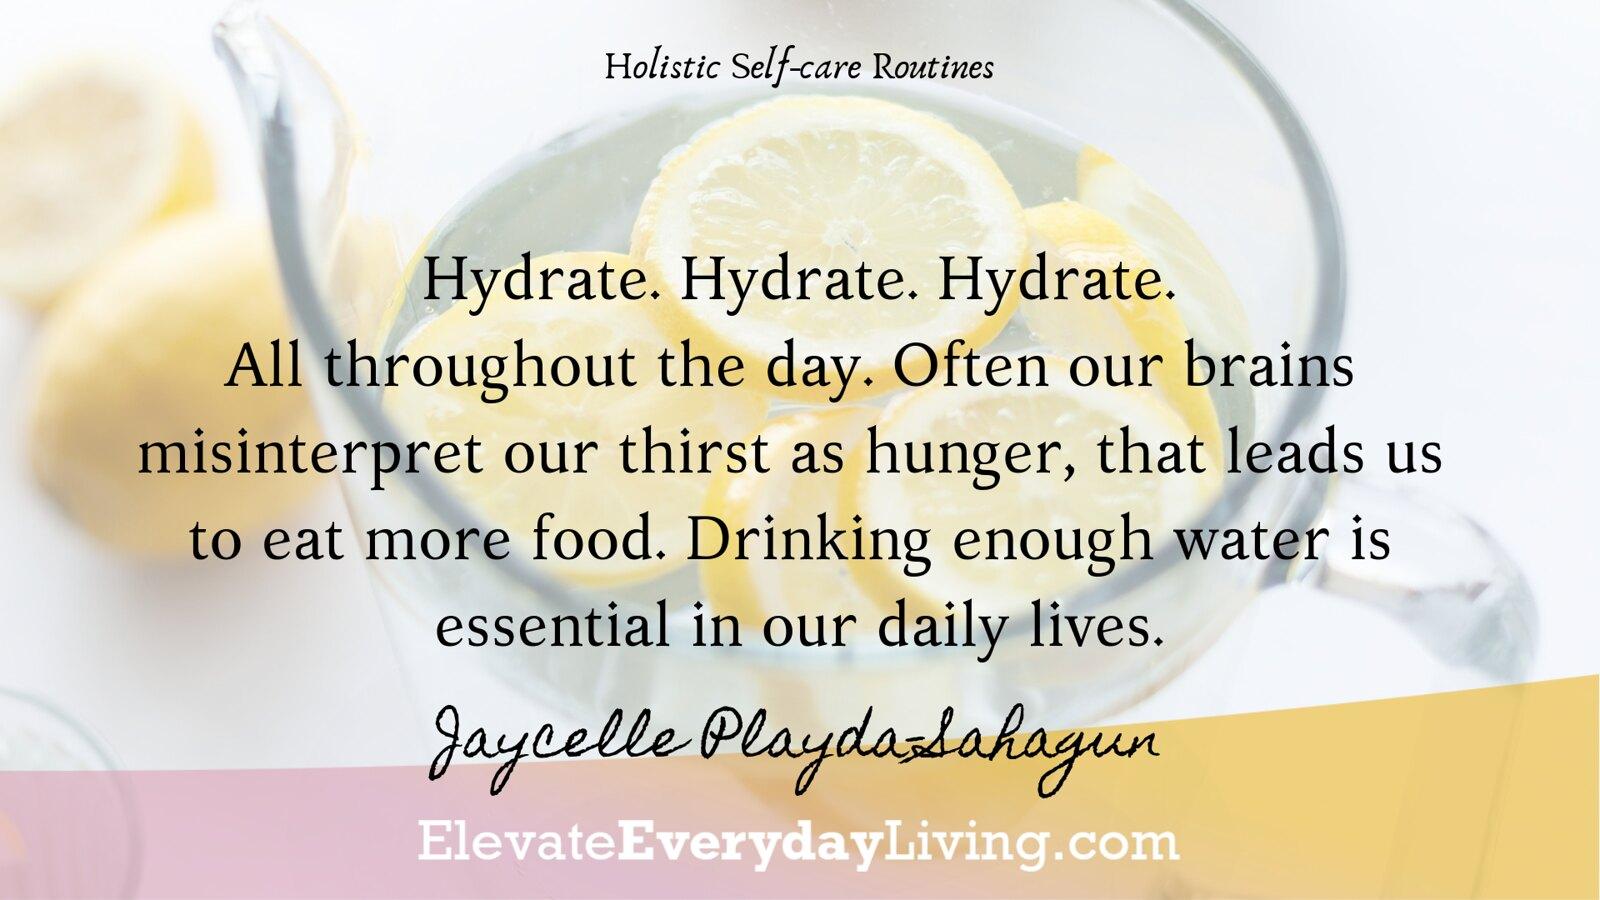 Hydrate. Hydrate. Hydrate.